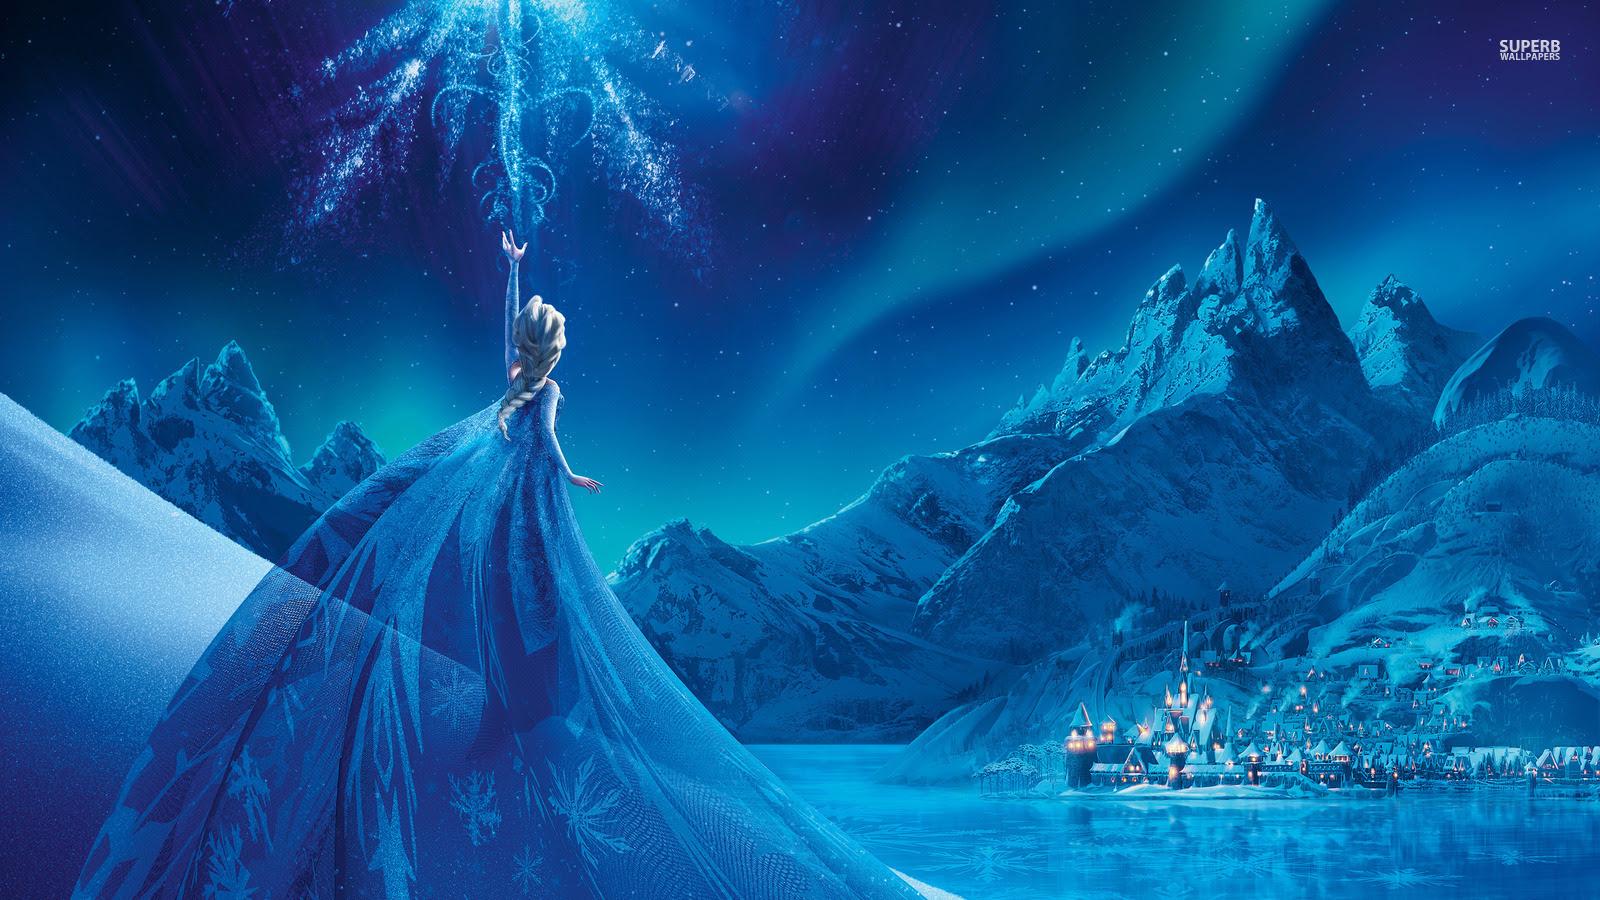 アナと雪の女王 アナと雪の女王 壁紙 38706297 ファンポップ